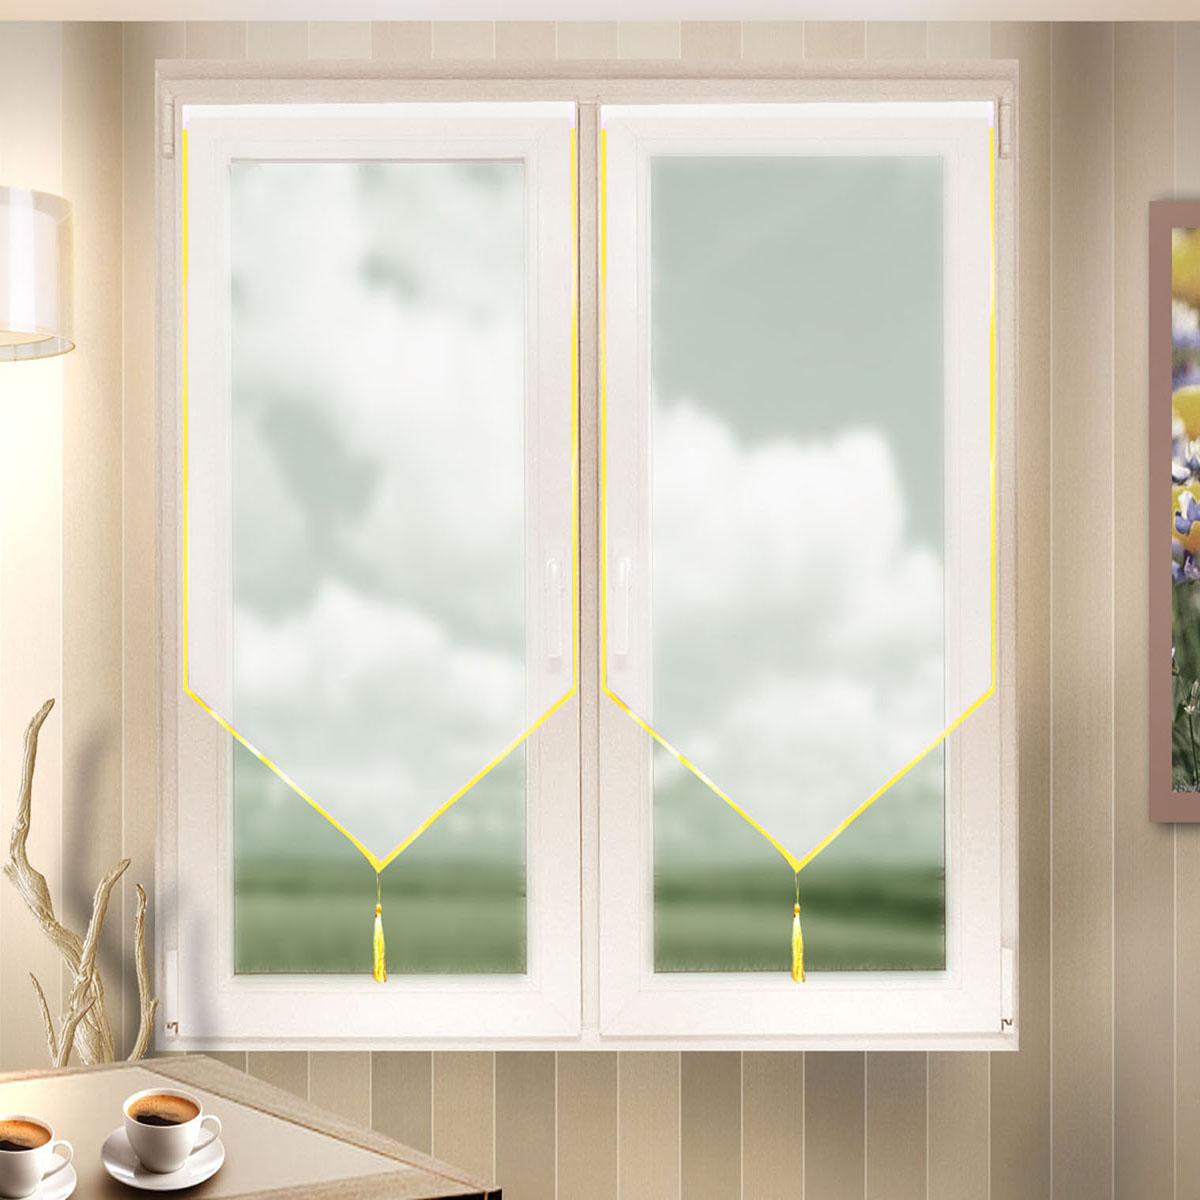 Гардина Zlata Korunka, цвет: белый, ширина 60 см, высота 90 см. 666022/262.РШТО.7652.080х175Лучшая альтернатива рулонным шторам на кухне – шторы на липкой ленте. Особенность этих штор заключается в том, что они имеют липкую основу в месте крепления . Лента или основа надежно и быстро крепится на раму окна, а на нее фиксируется сама штора.Размеры: ширина 60* высота 90